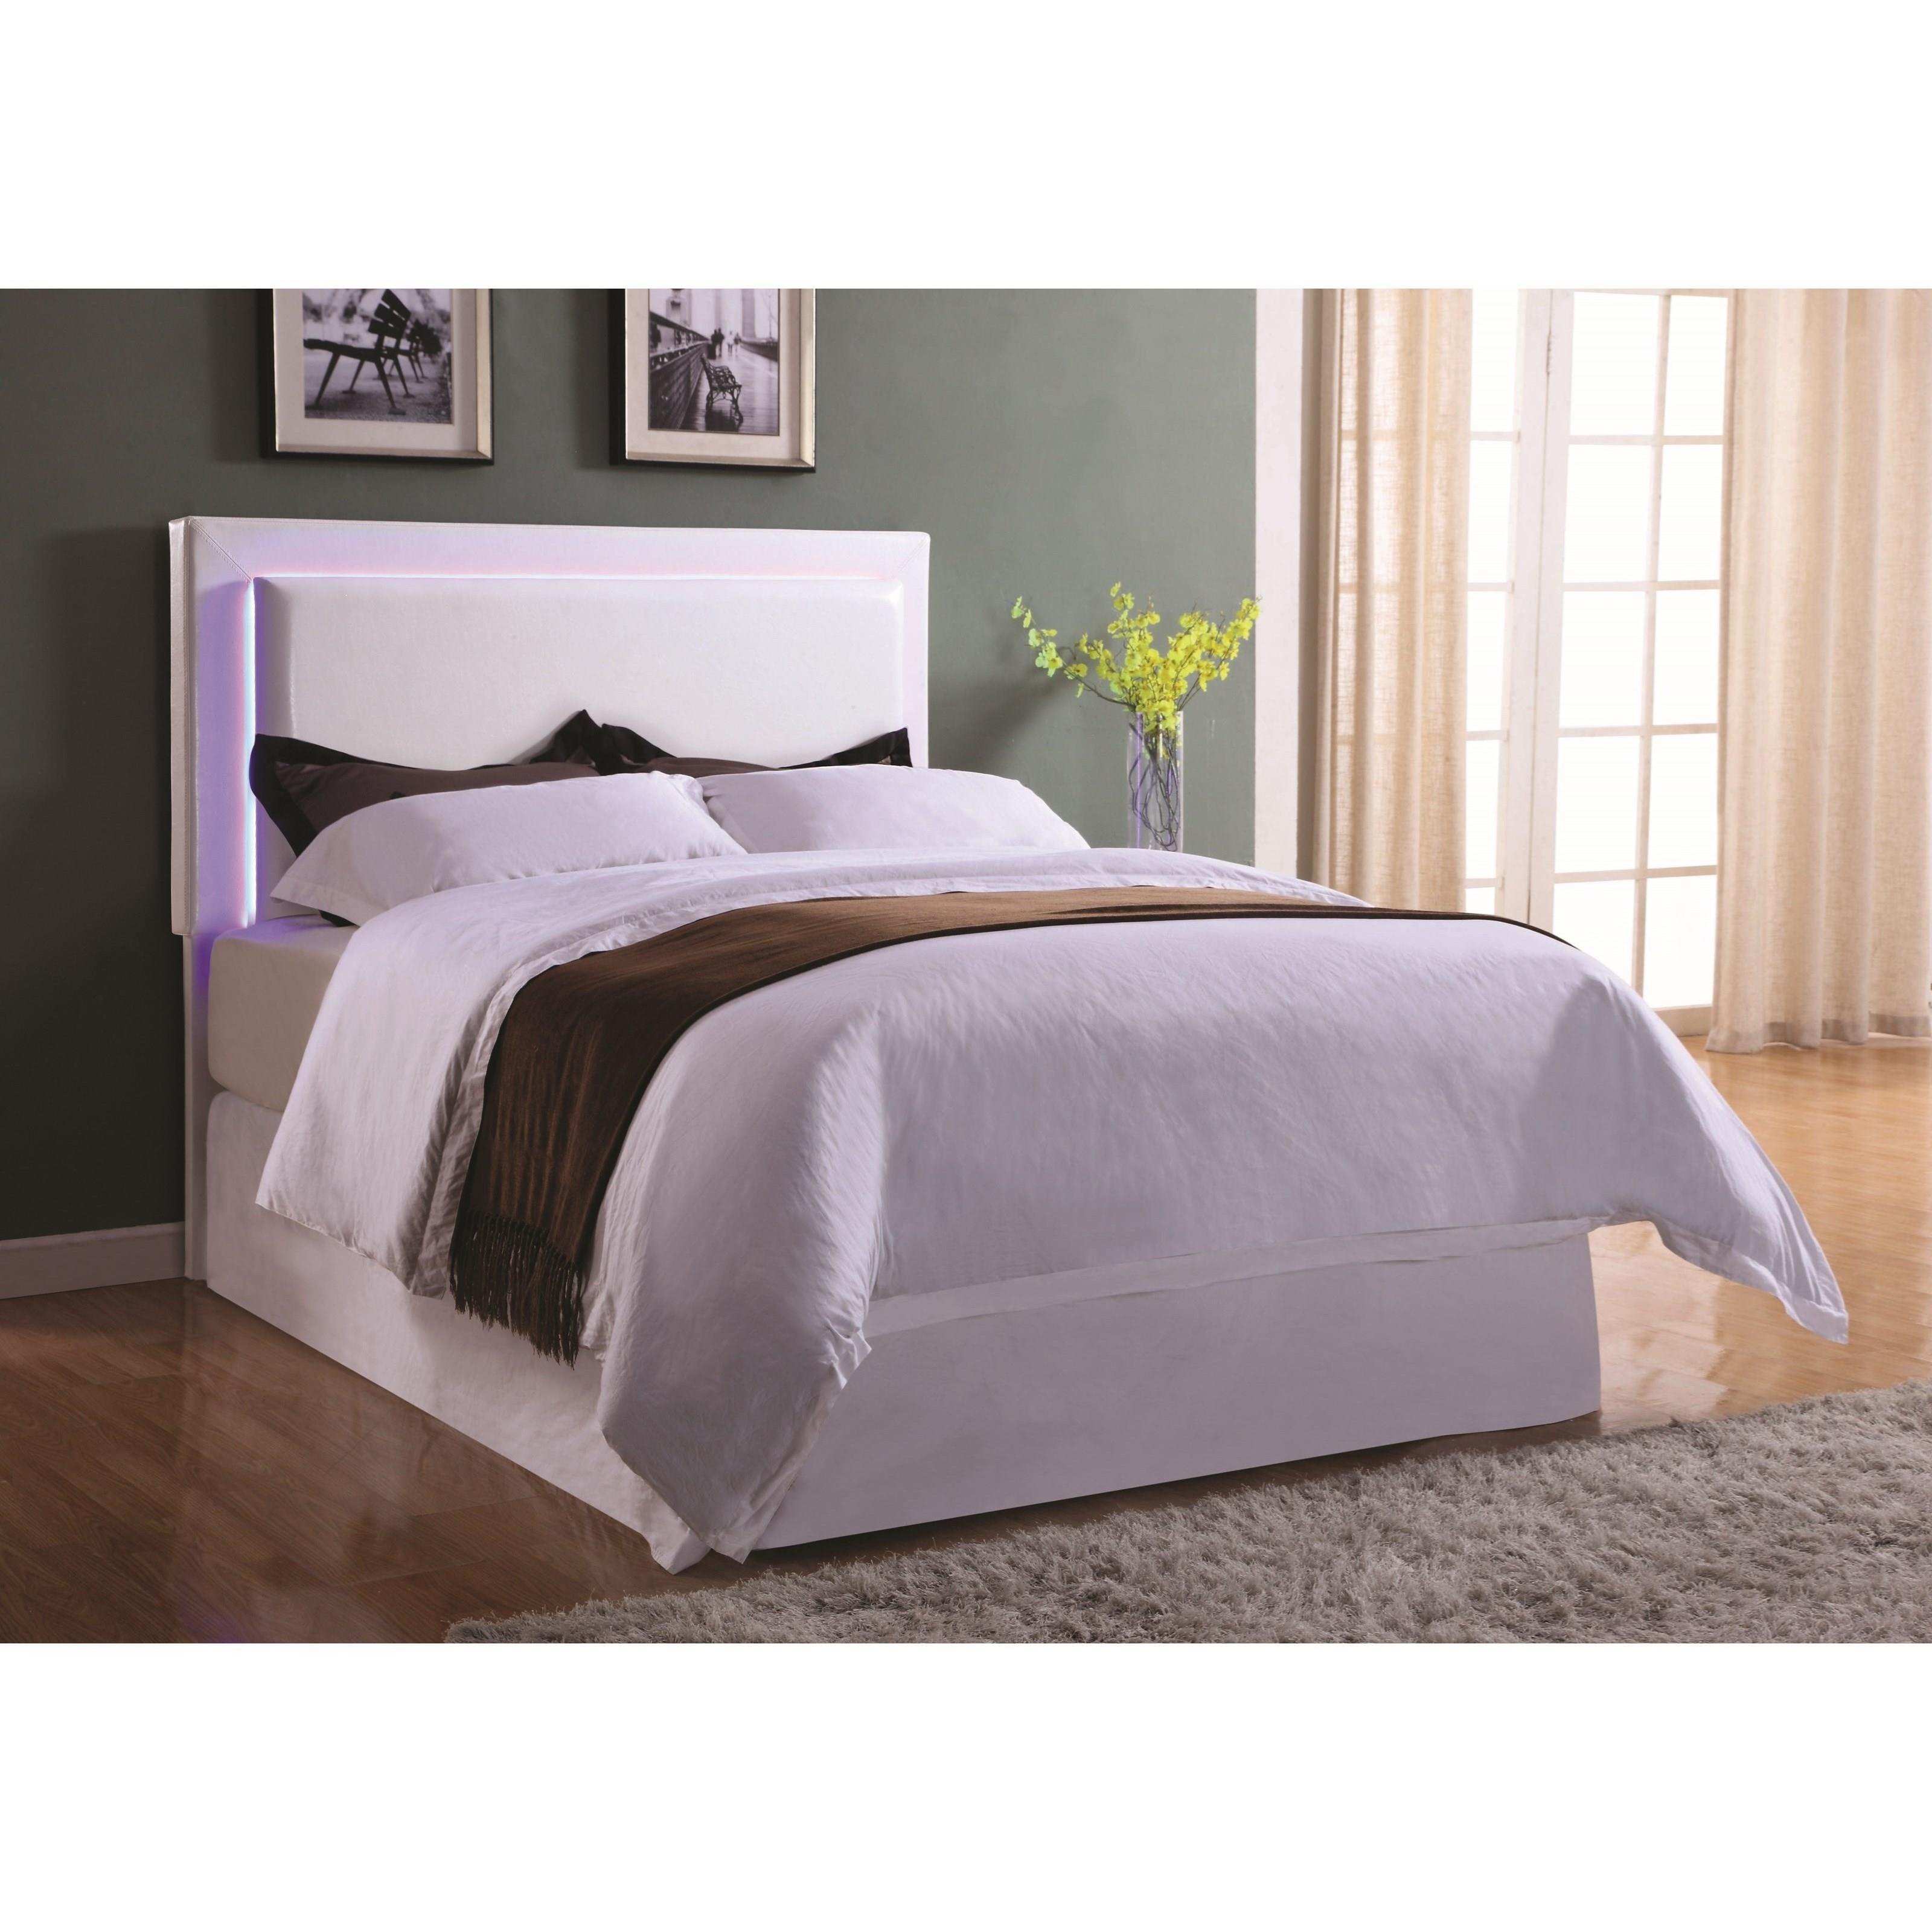 Coaster Upholstered Beds 300603k Upholstered King